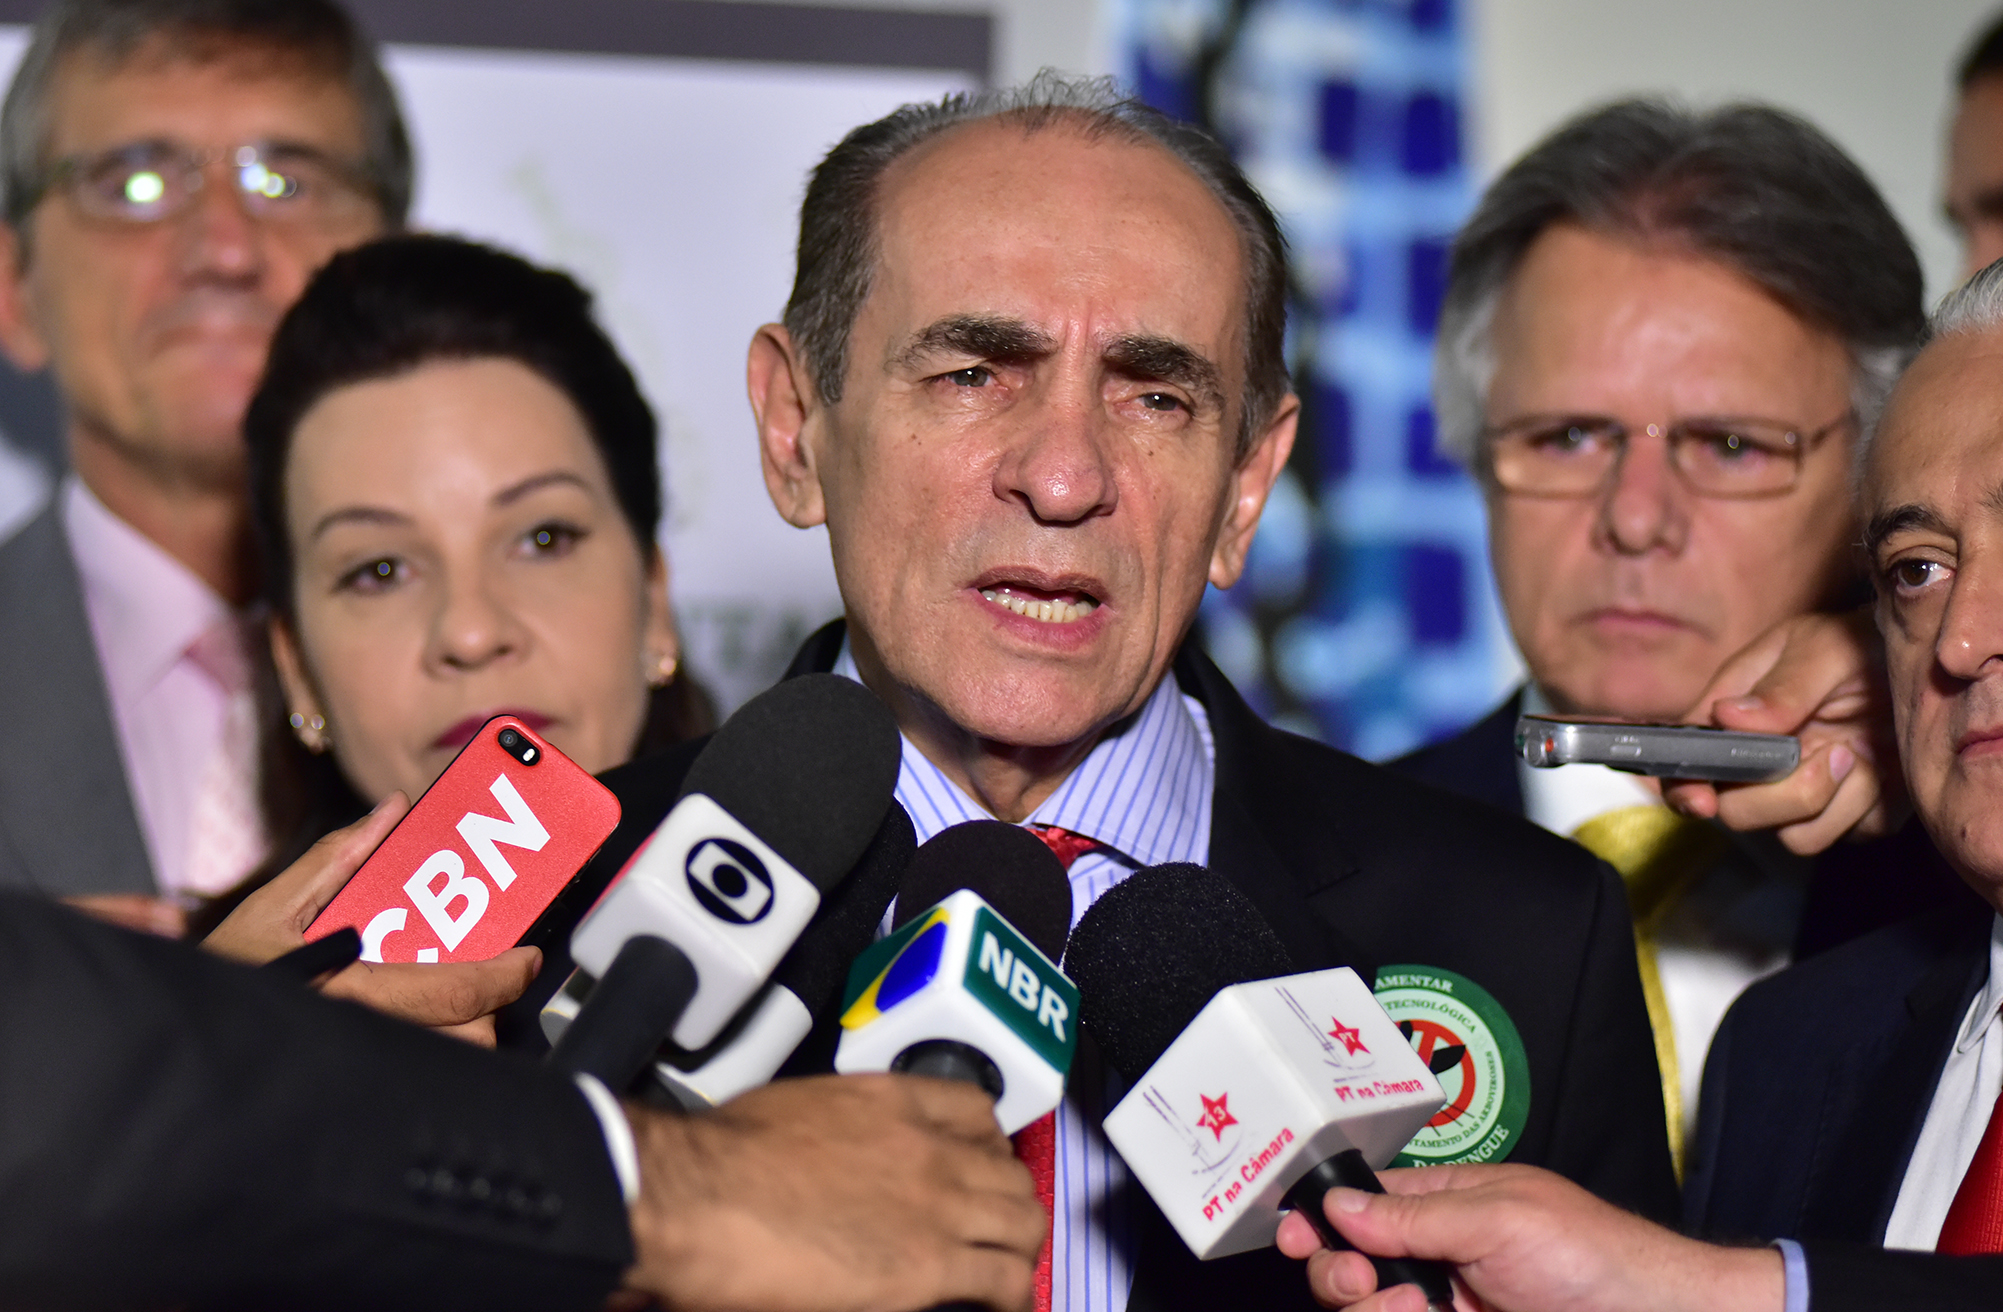 Ministro da Saúde, Marcelo Castro concede entrevista